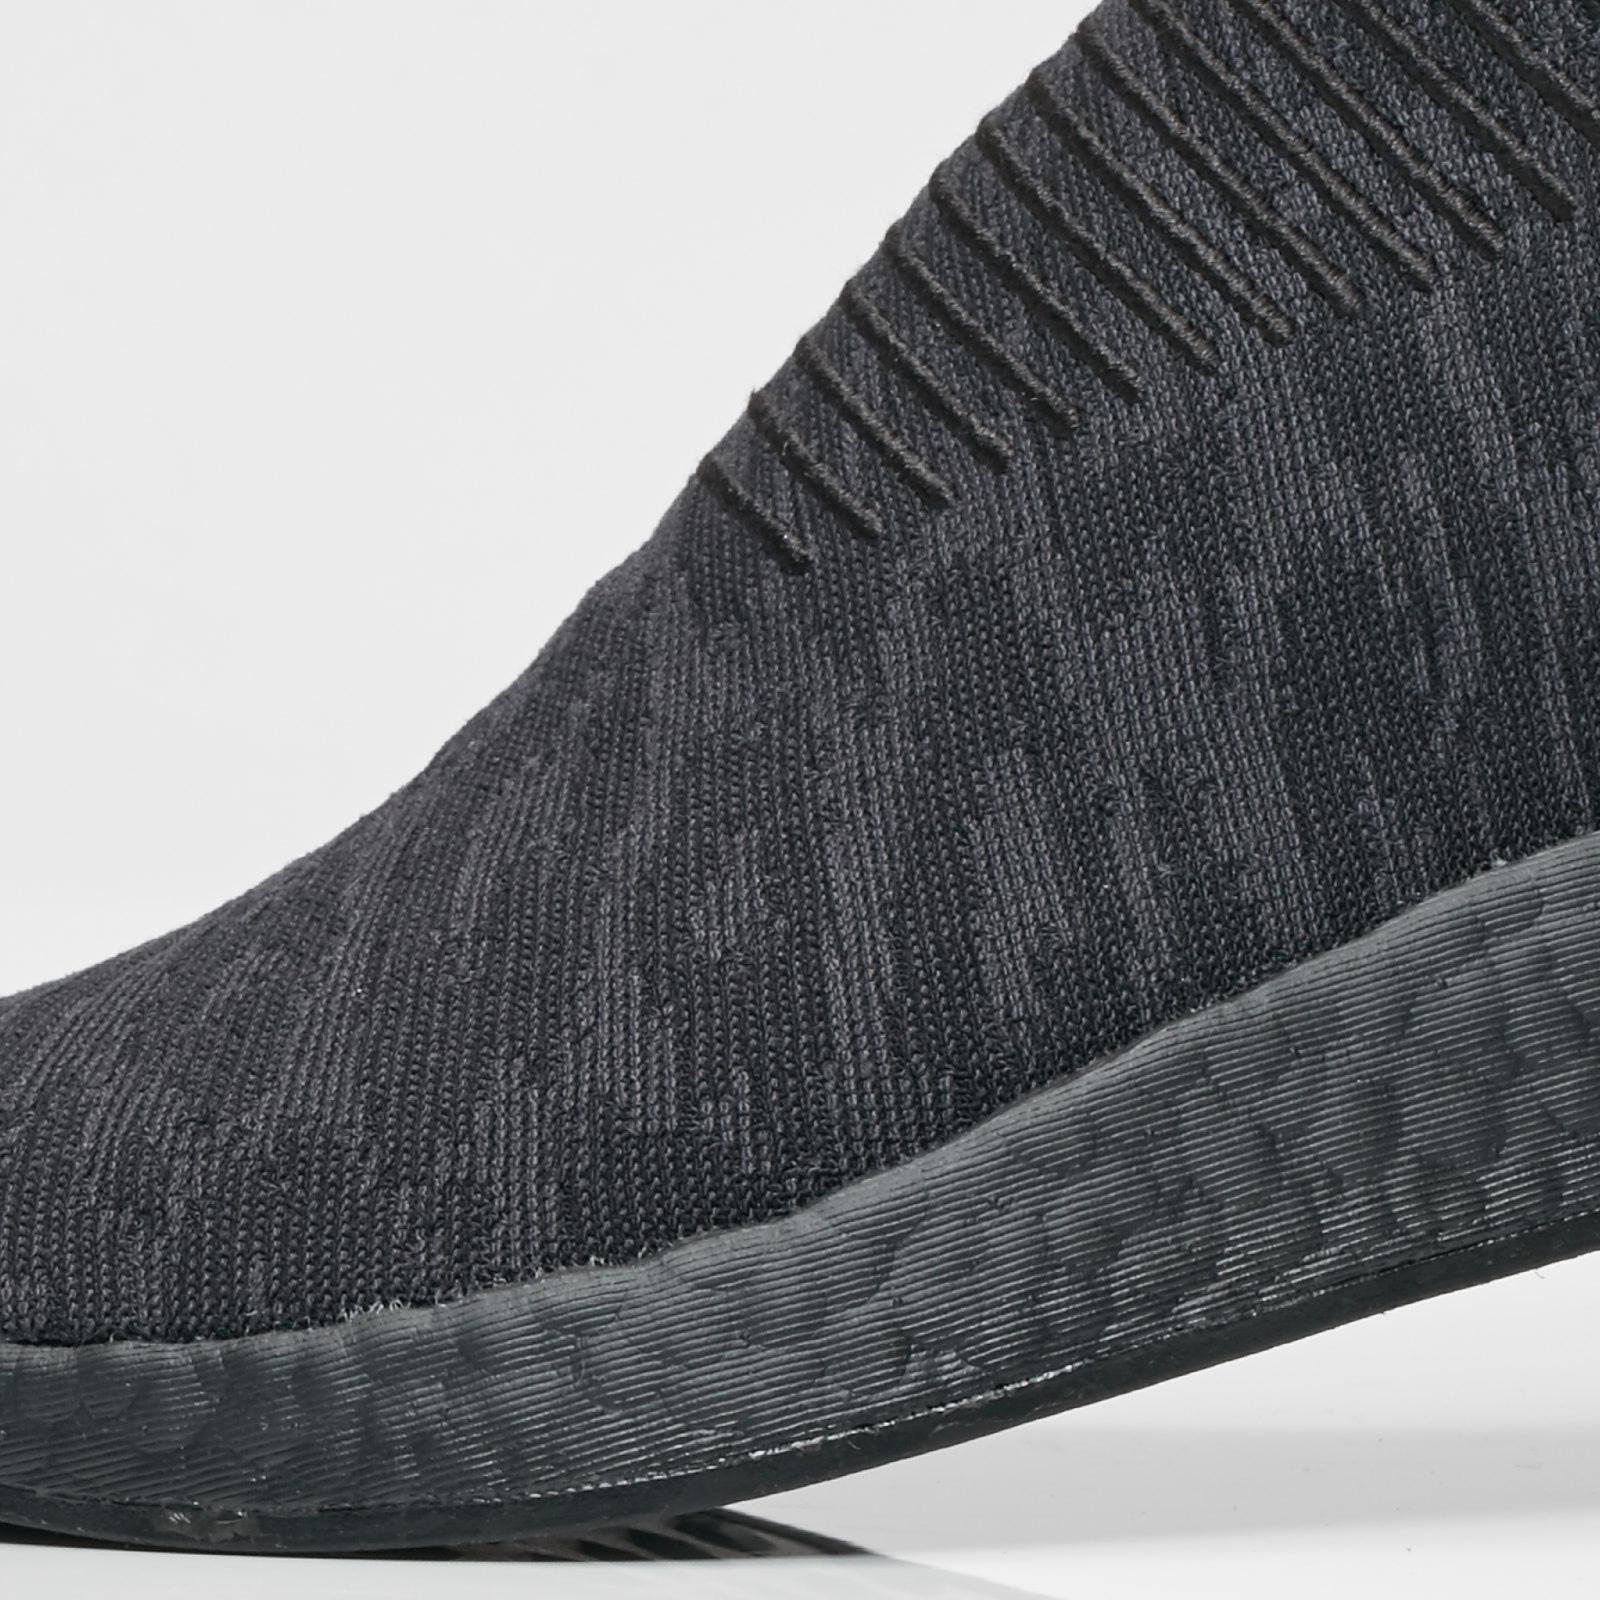 new styles a8c6c b9ca4 ... adidas Originals NMD CS2 PK ...